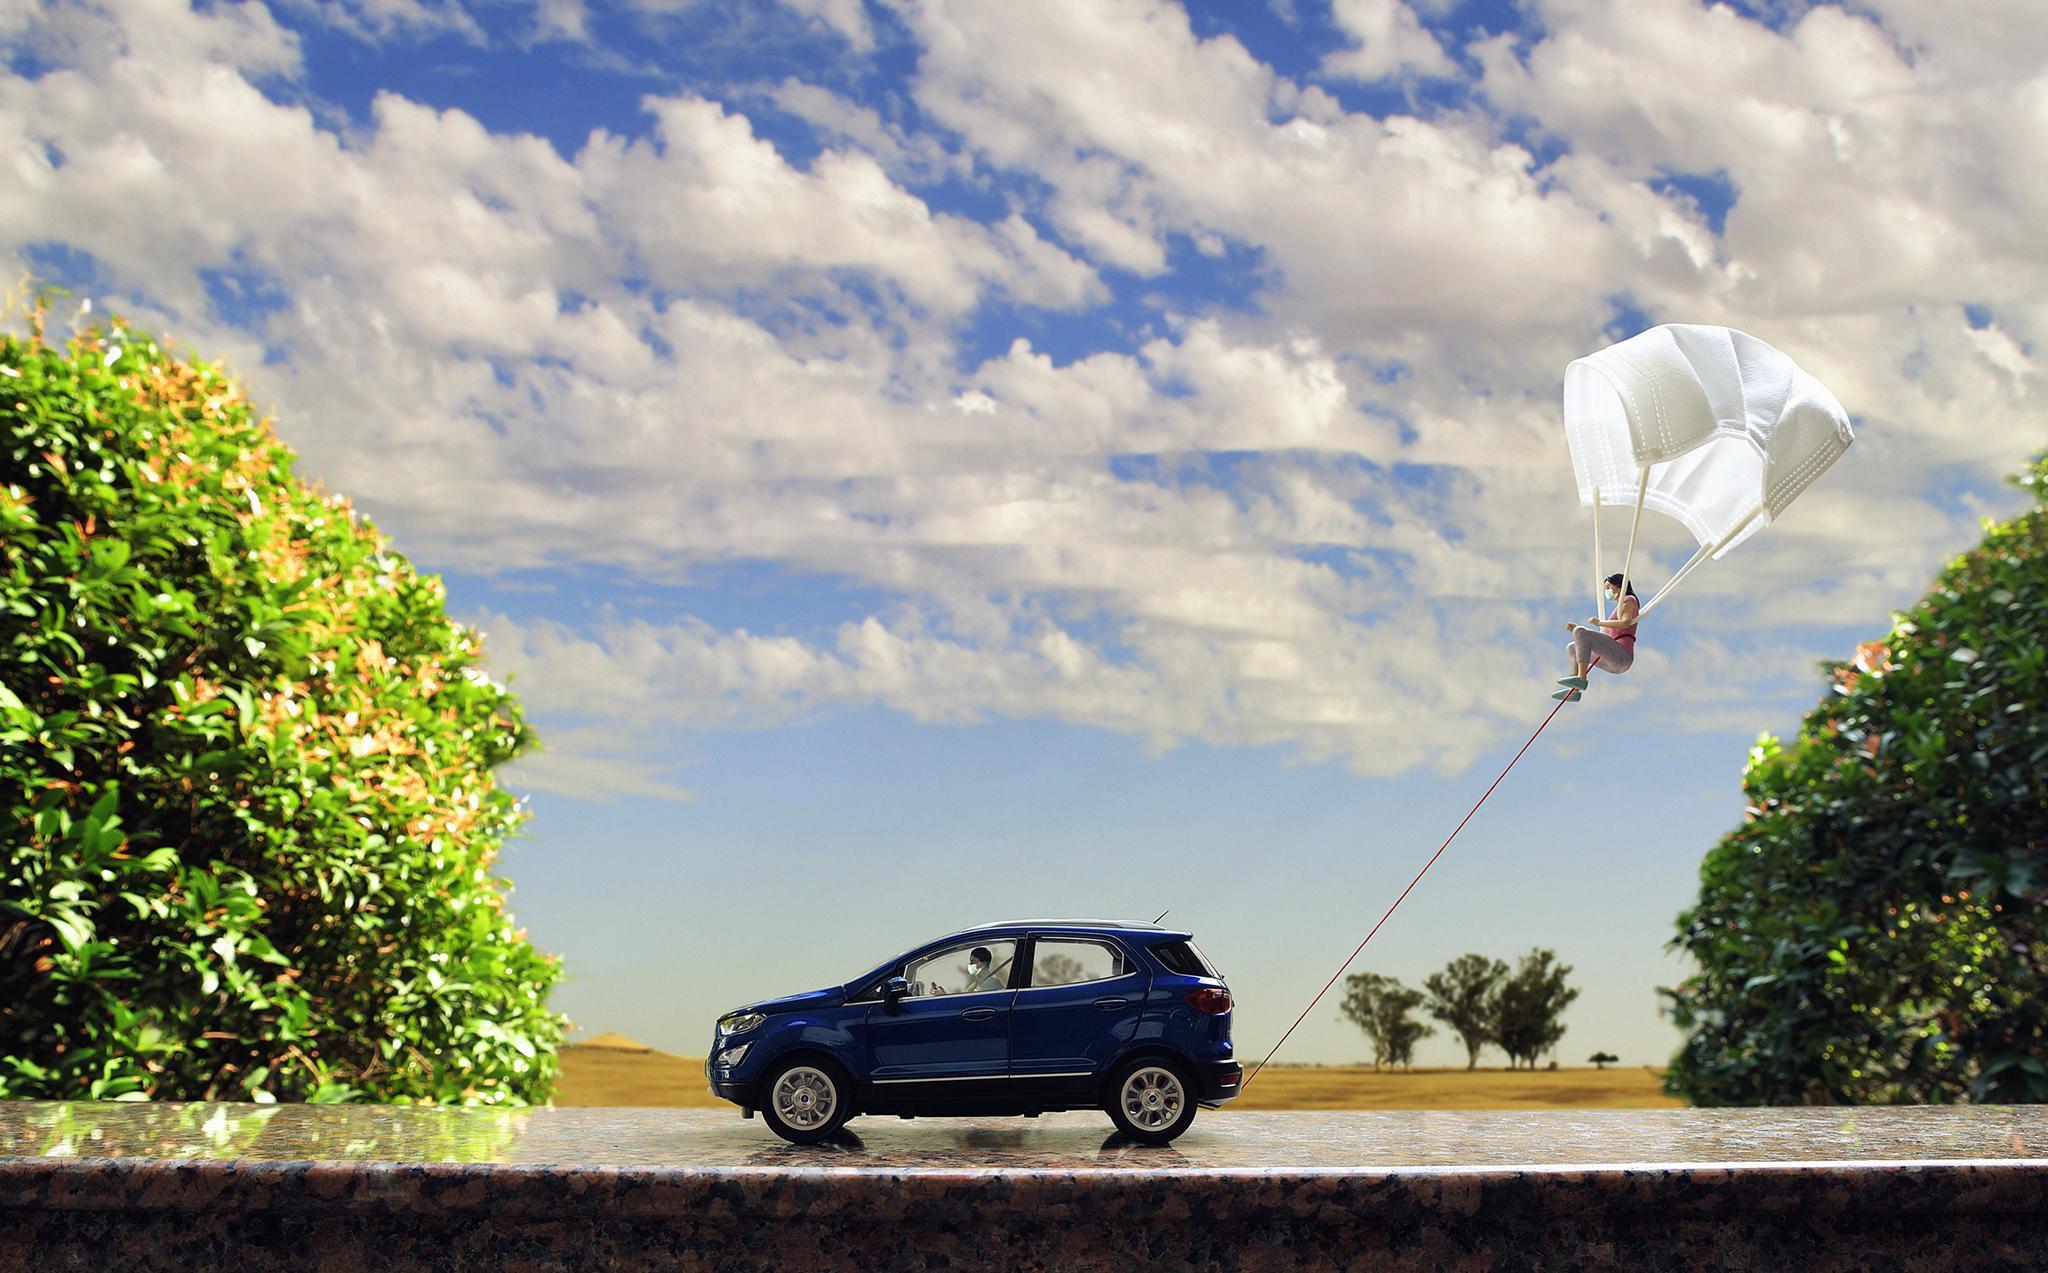 Cơ hội sở hữu SUV đô thị Ford EcoSport chỉ từ 553 triệu đồng - ảnh 12